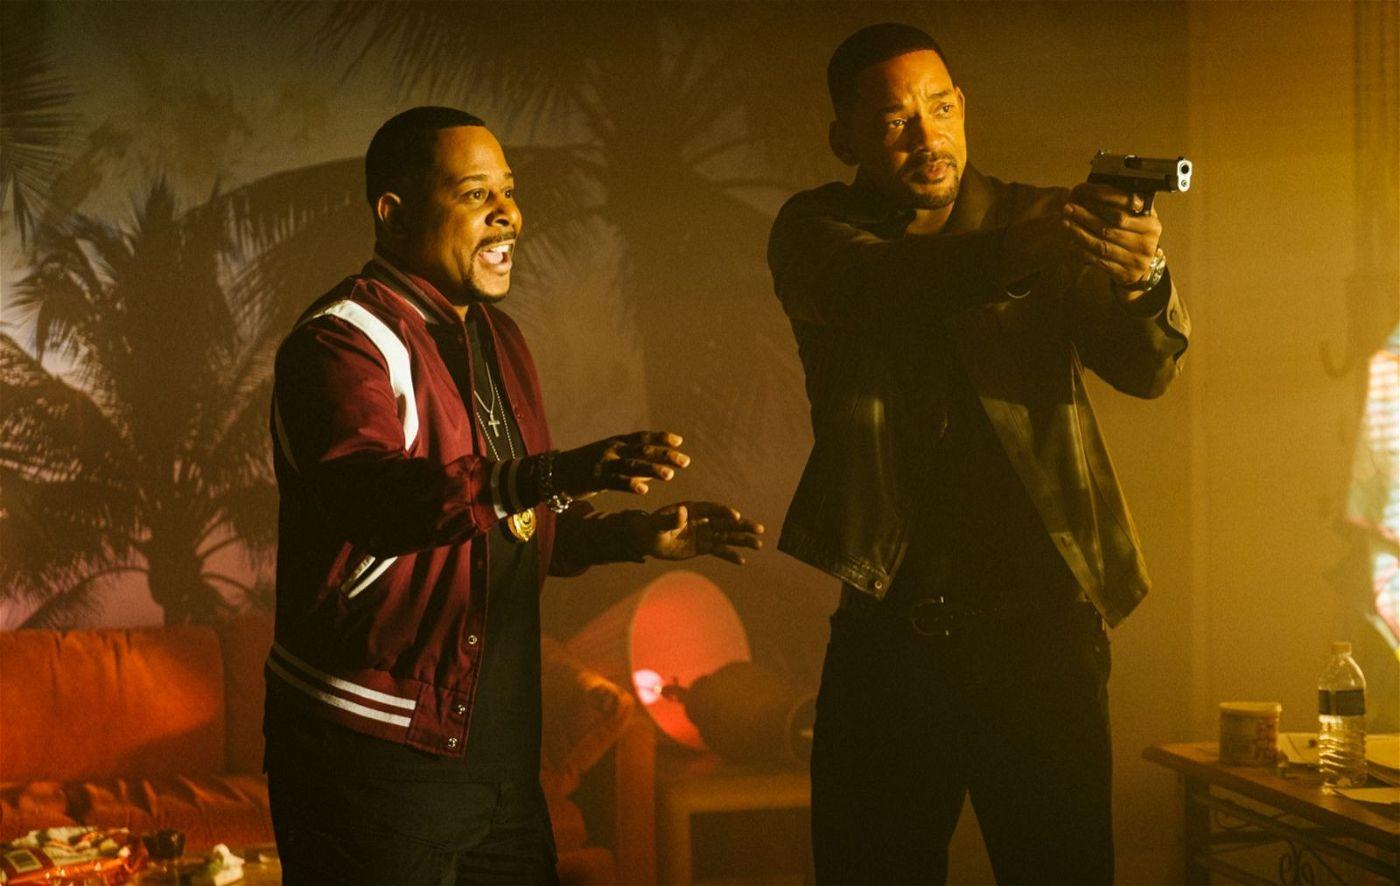 Mike (Will Smith, rechts) will auf die gute, alte Tour ermitteln, während Marcus (Martin Lawrence) ihn beschwört, es mit Freundlichkeit zu versuchen.